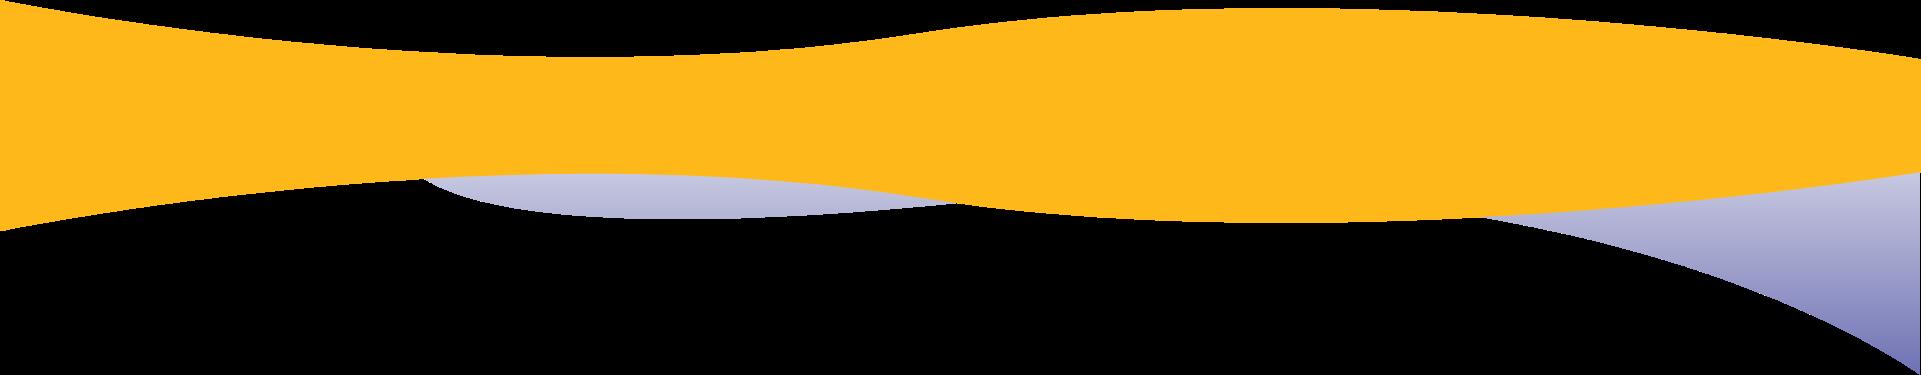 trazoai1